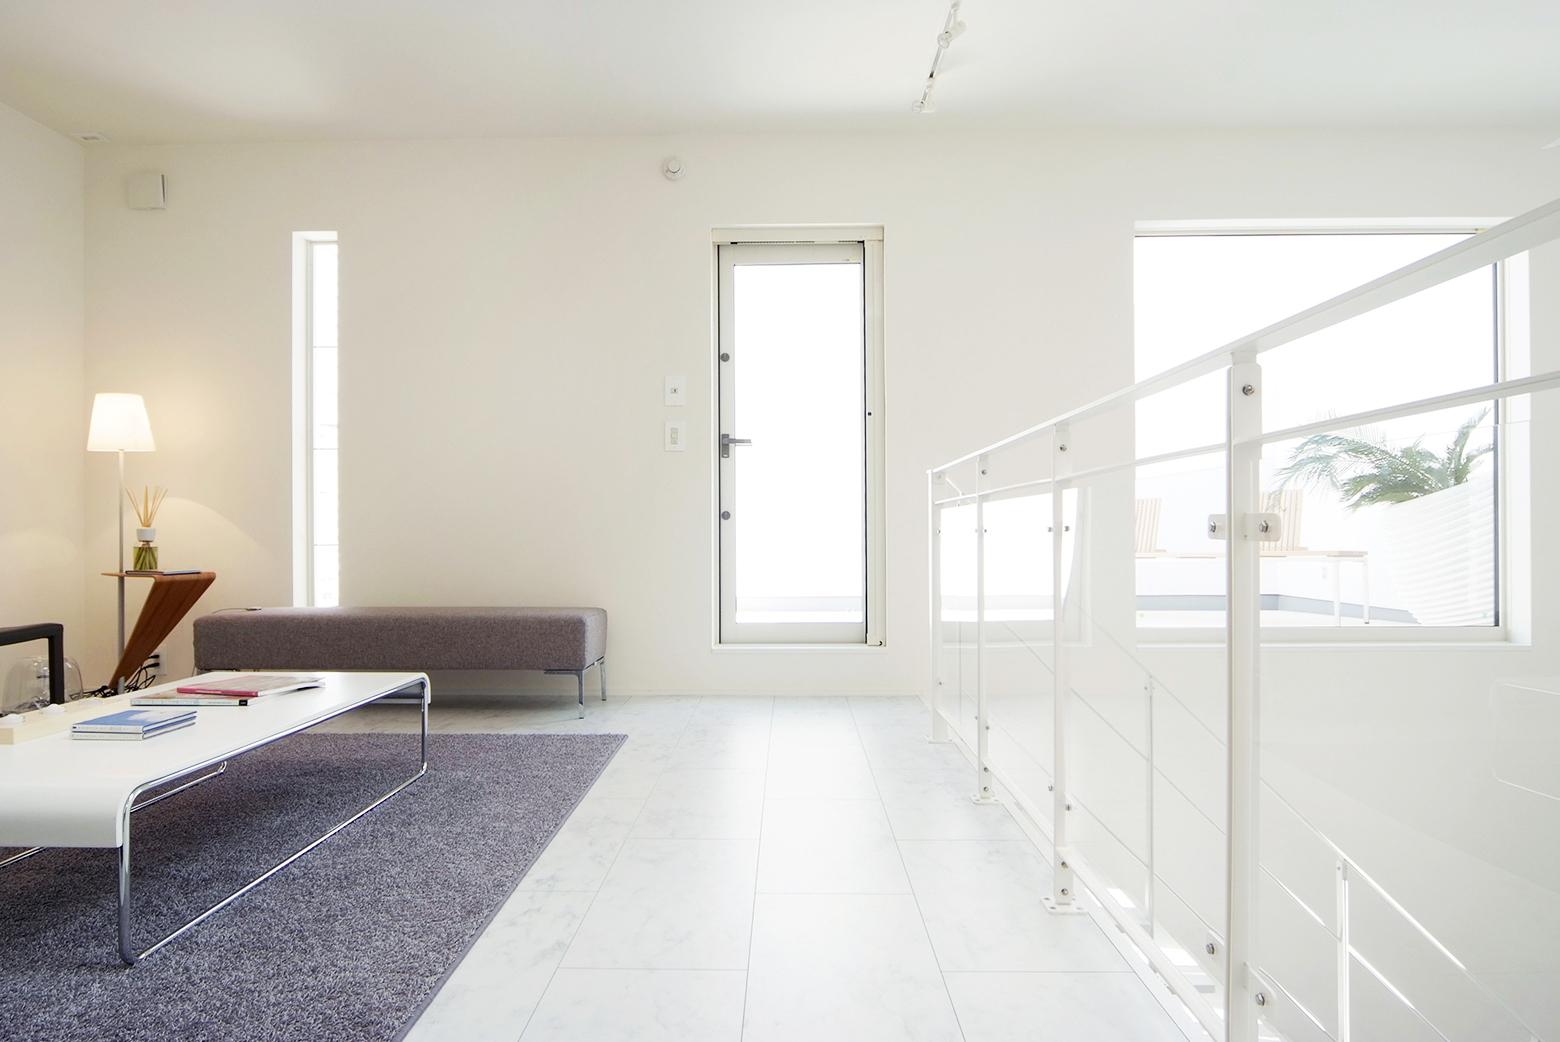 リフォーム・リノベーションから分譲住宅・新築まで暮らしをサポート